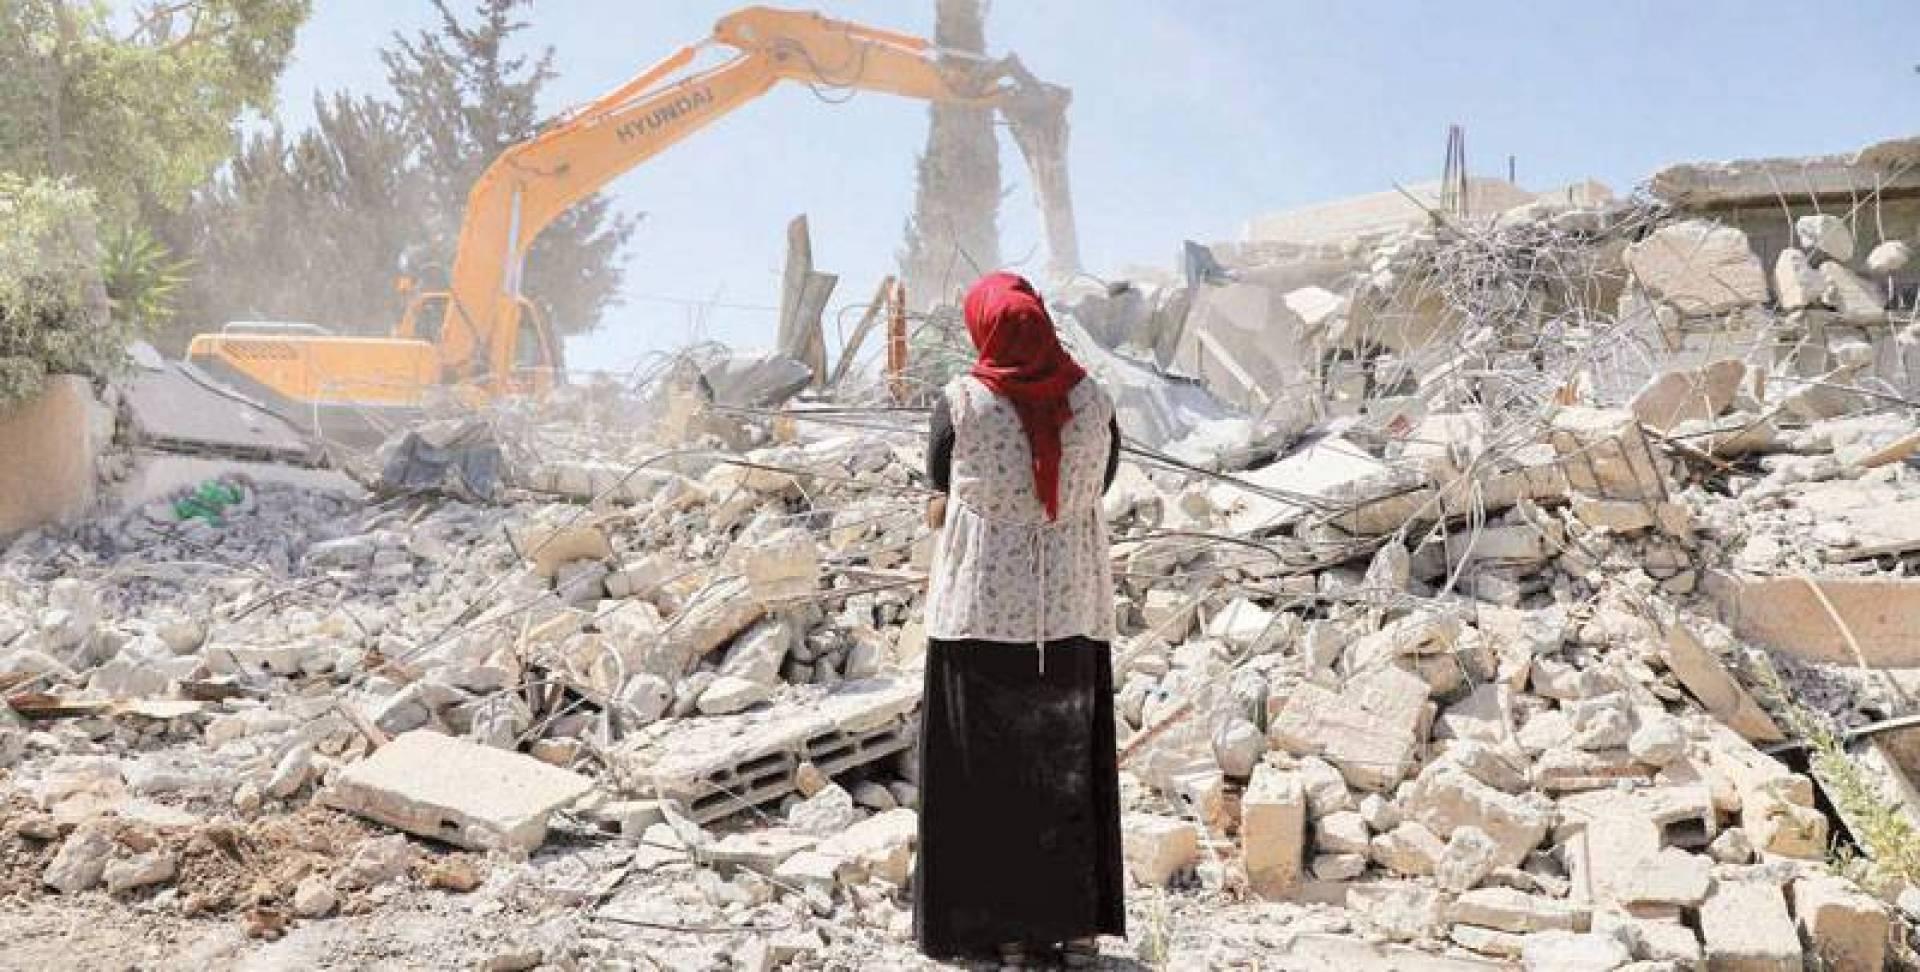 هدم منازل الفلسطينيين جزء من السياسة الإسرائيلية  لتثبيت أركان الاحتلال